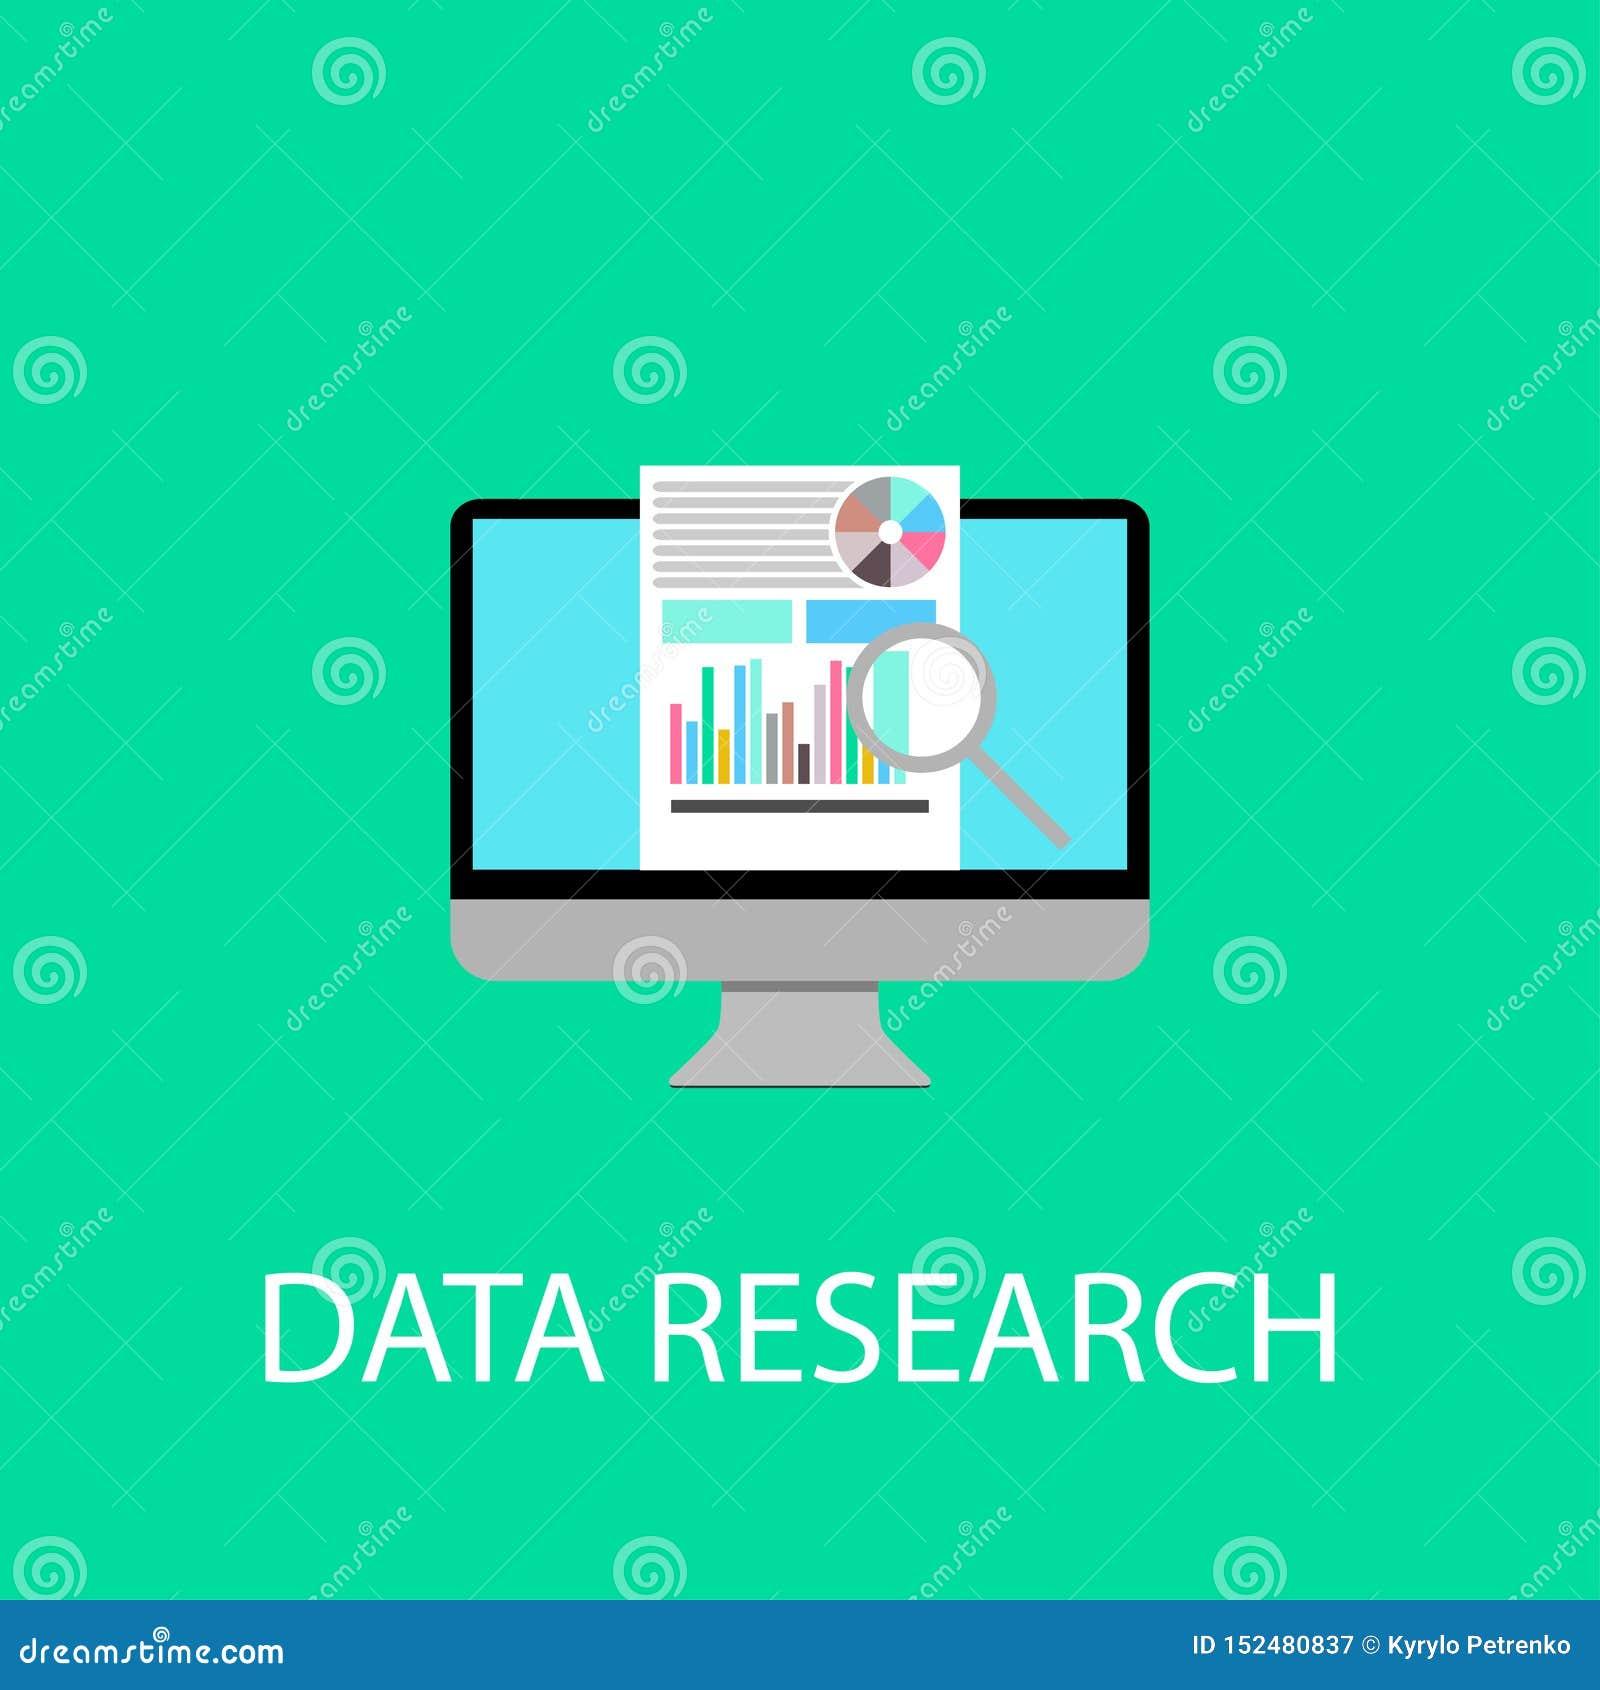 computer date research main screen flat design